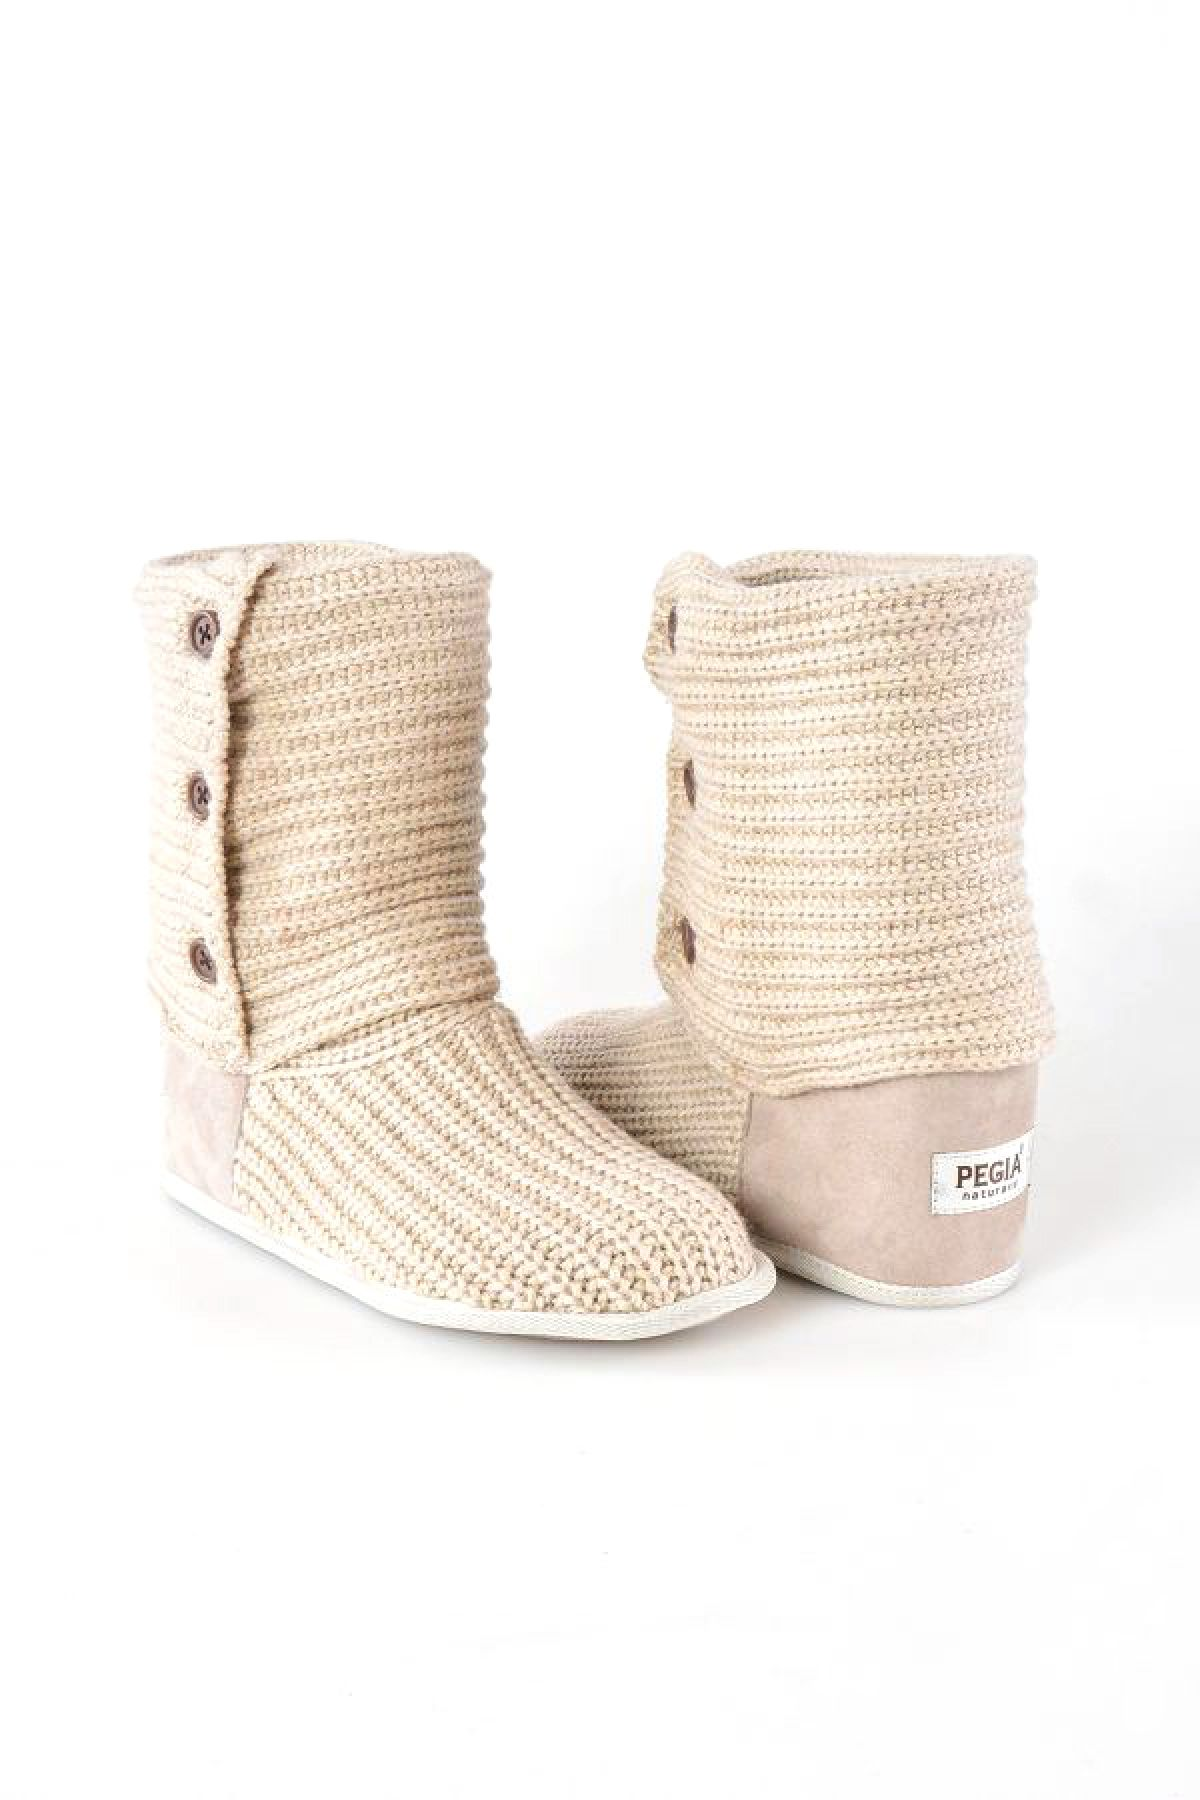 Pegia Hakiki Süet Örgülü Bayan Ev Ayakkabısı 191098 Beige